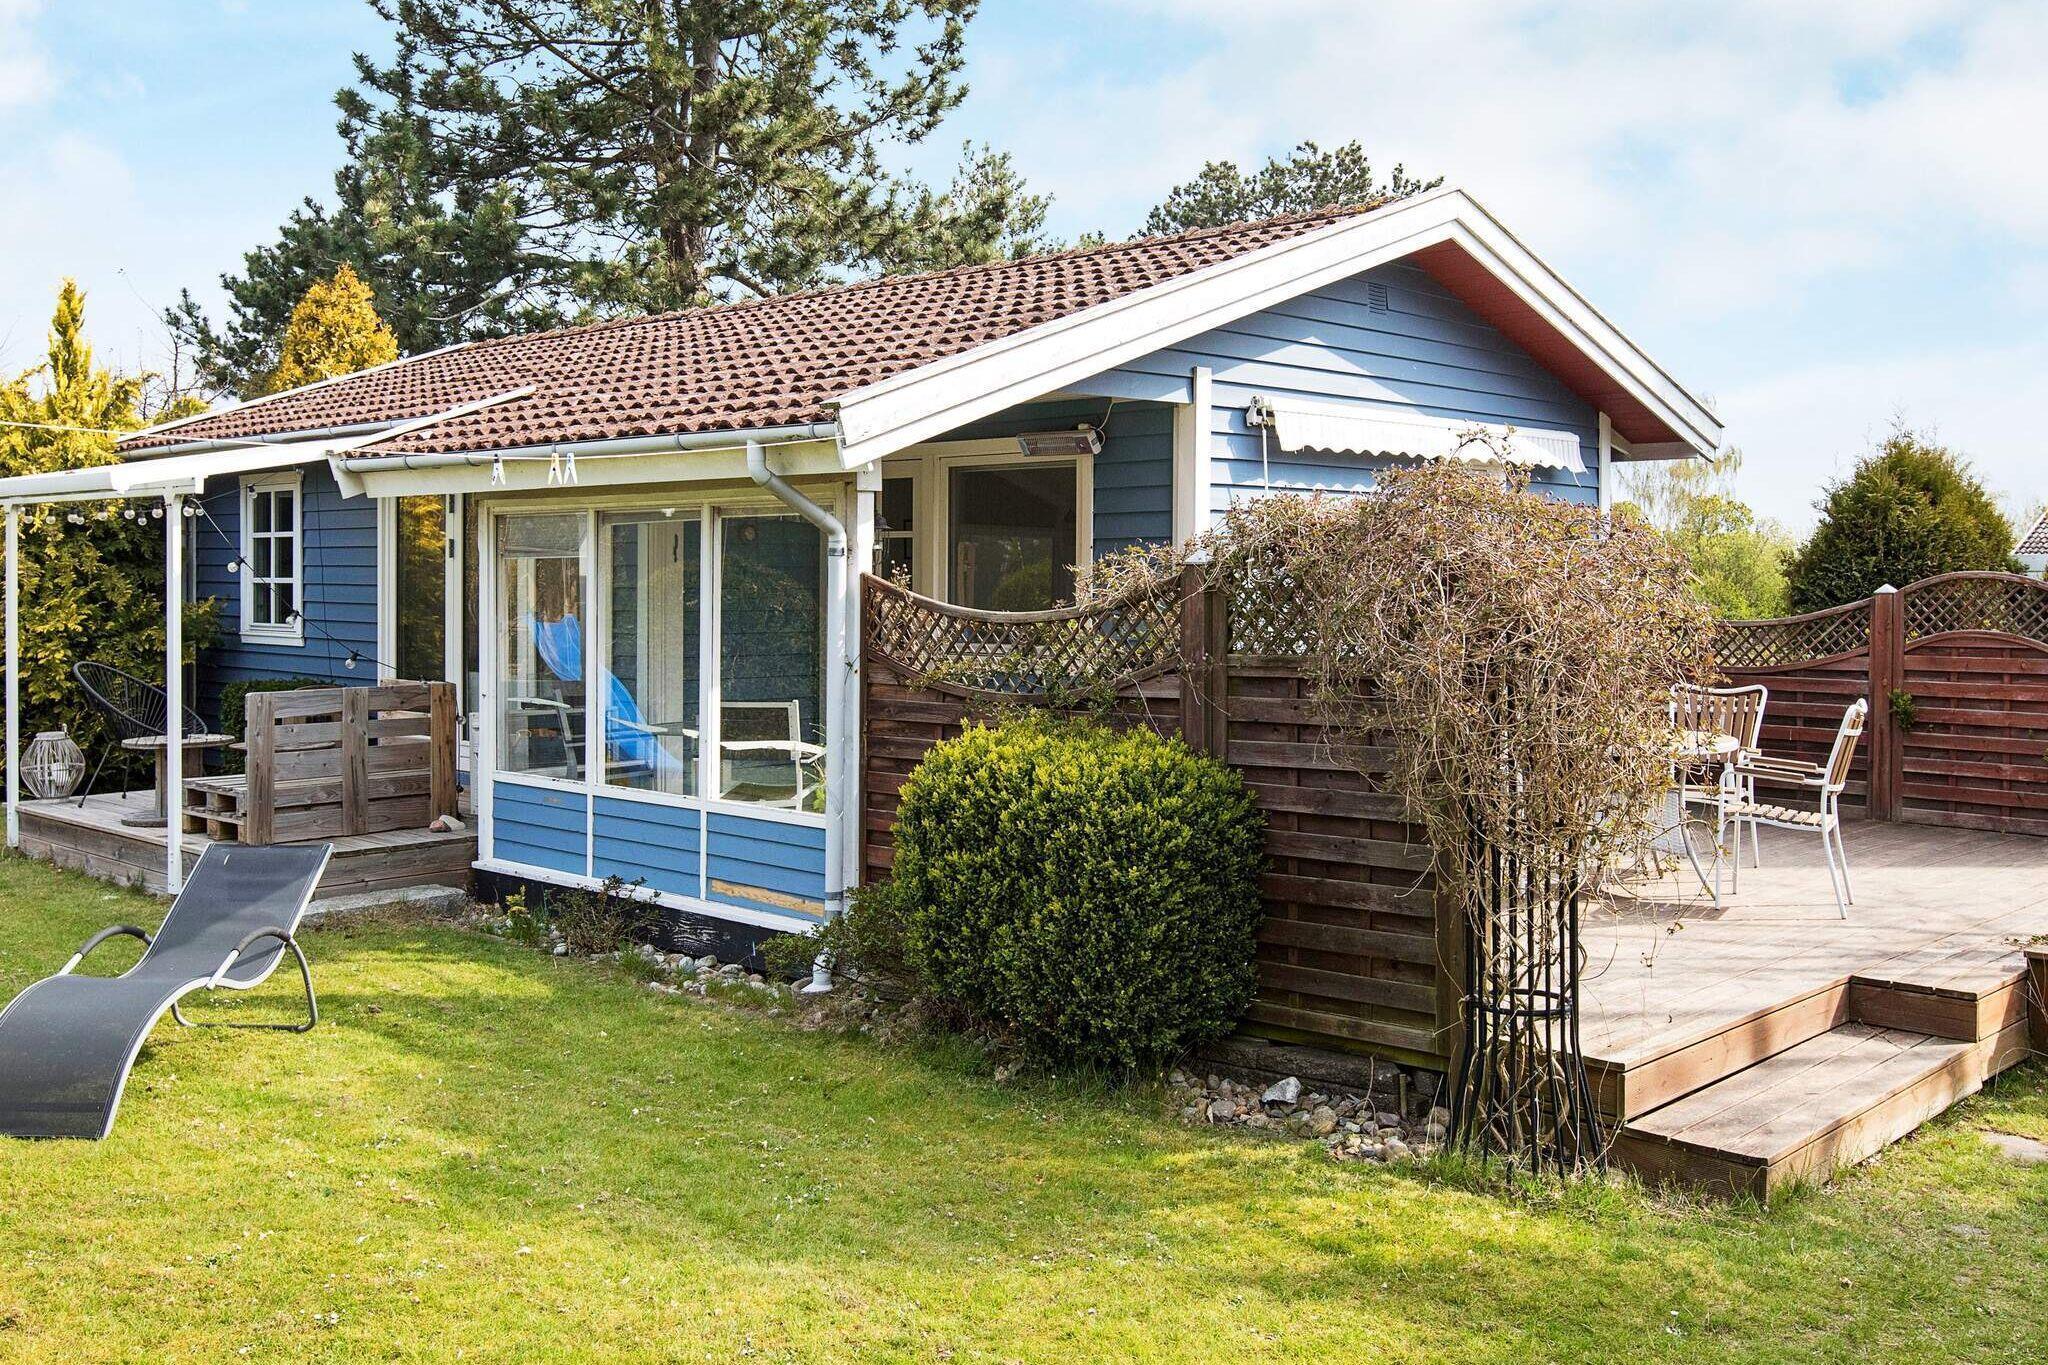 Ferienhaus in Slagelse für 6 Personen